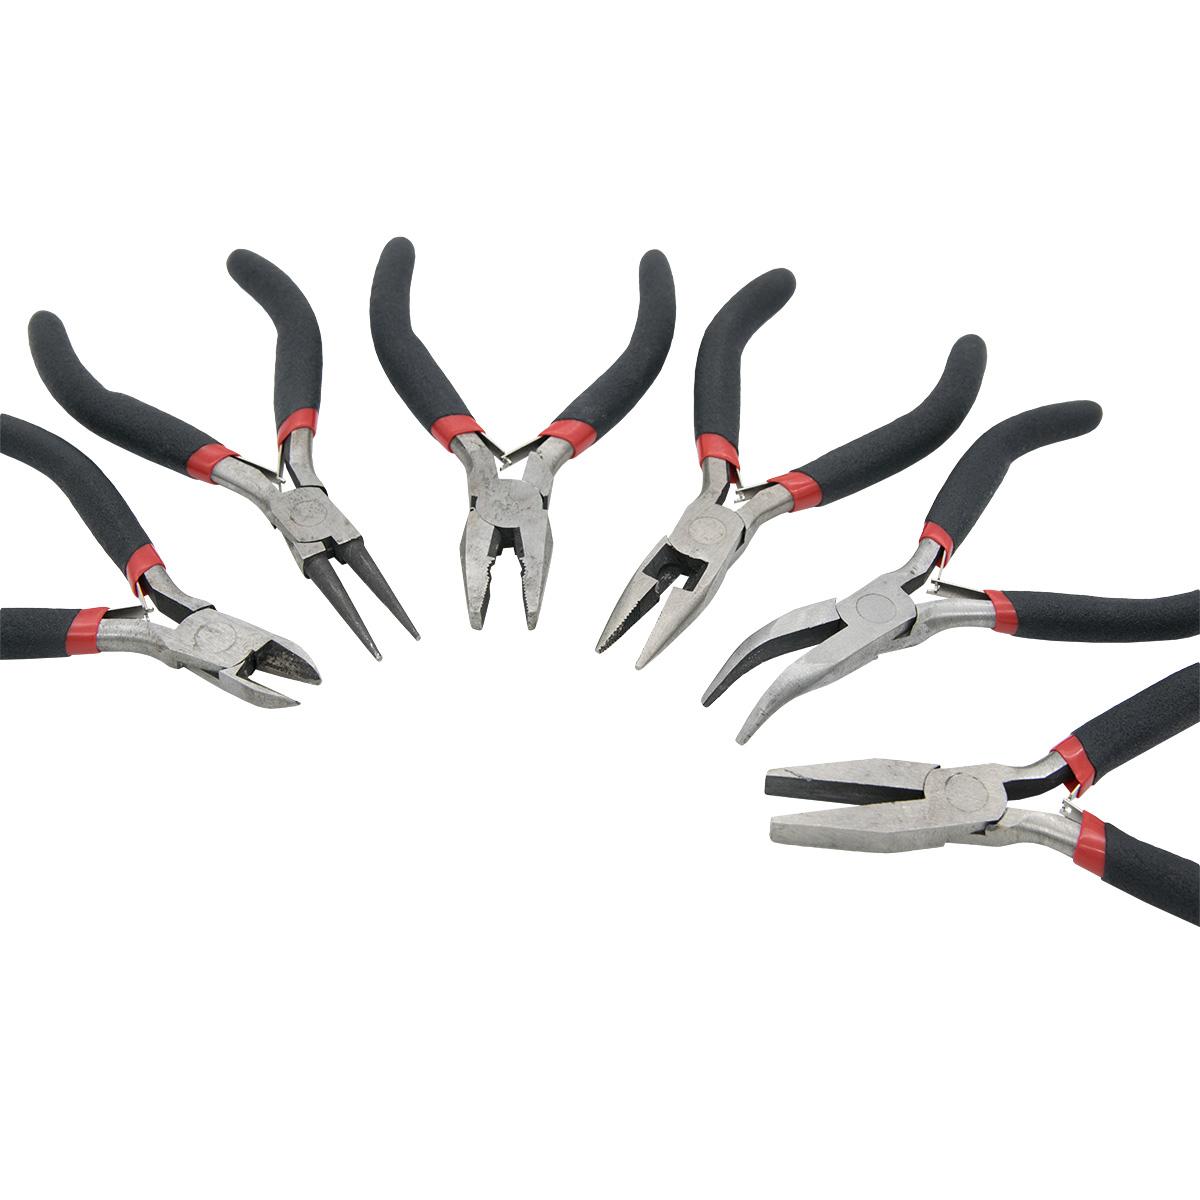 24401 Инструменты для создания бижутерии в чехле, набор/6шт